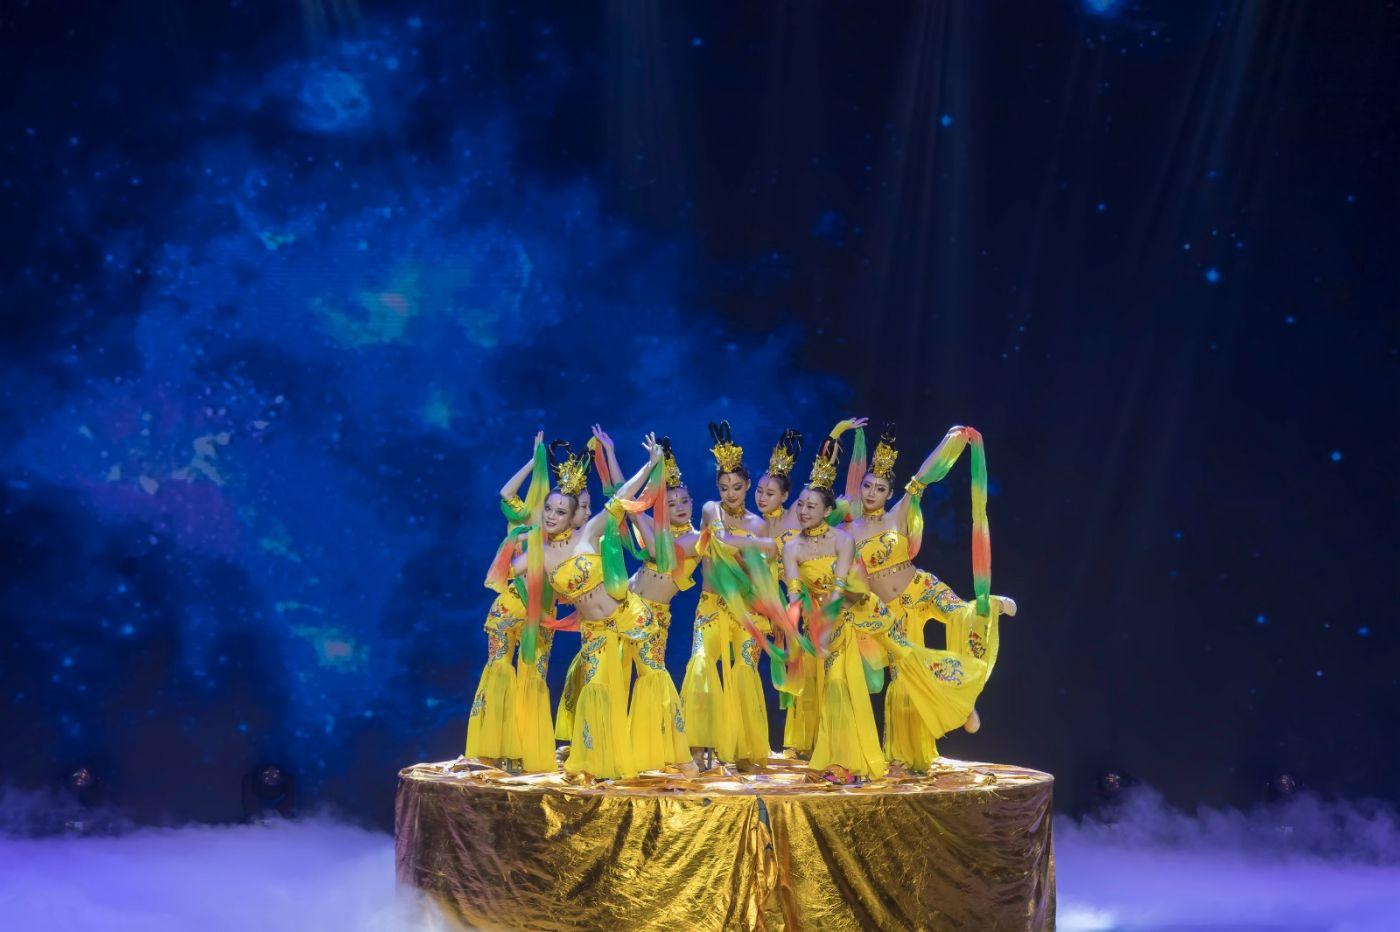 沂蒙大地上 有一种舞蹈叫飞天 这是几位临沂女孩的杰作 美轮美奂 ..._图1-38